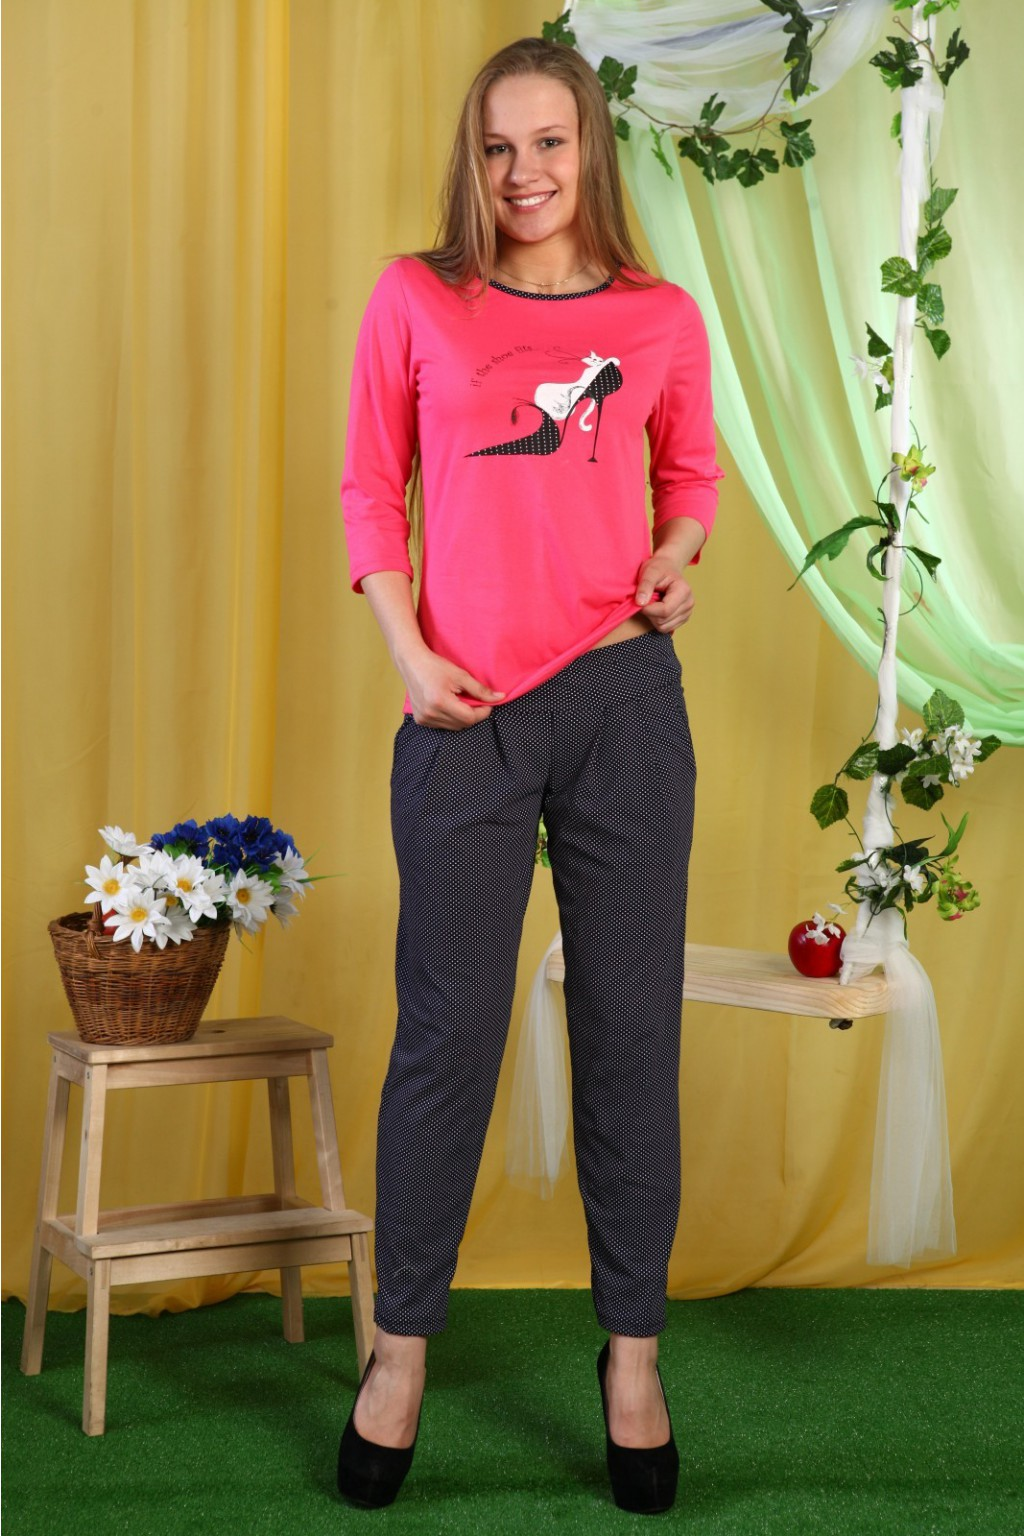 Сбор заказов.Ивановский трикотаж.Пижамы от 200 руб,сорочки от 160 руб,костюмы от 180 руб.Стоп 5 числа в 12 ч.